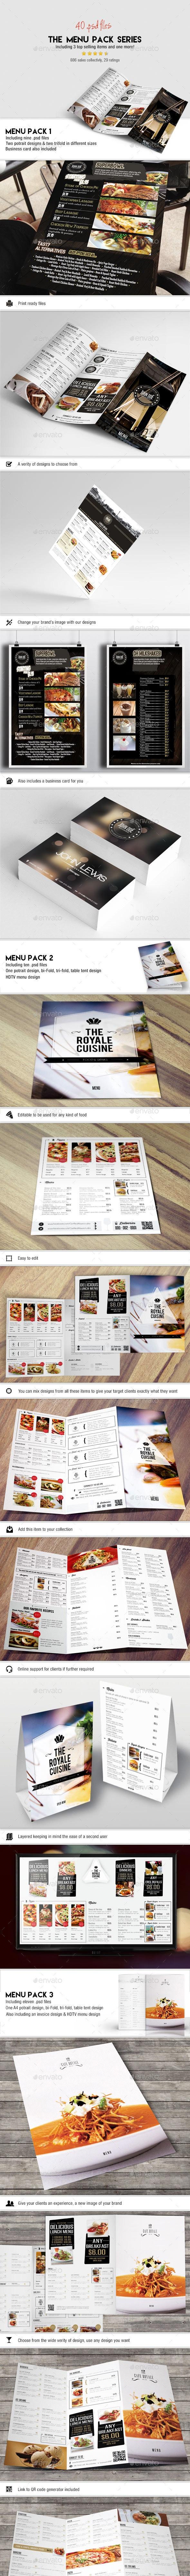 Menu Pack Series (Bundle) - Food Menus Print Templates